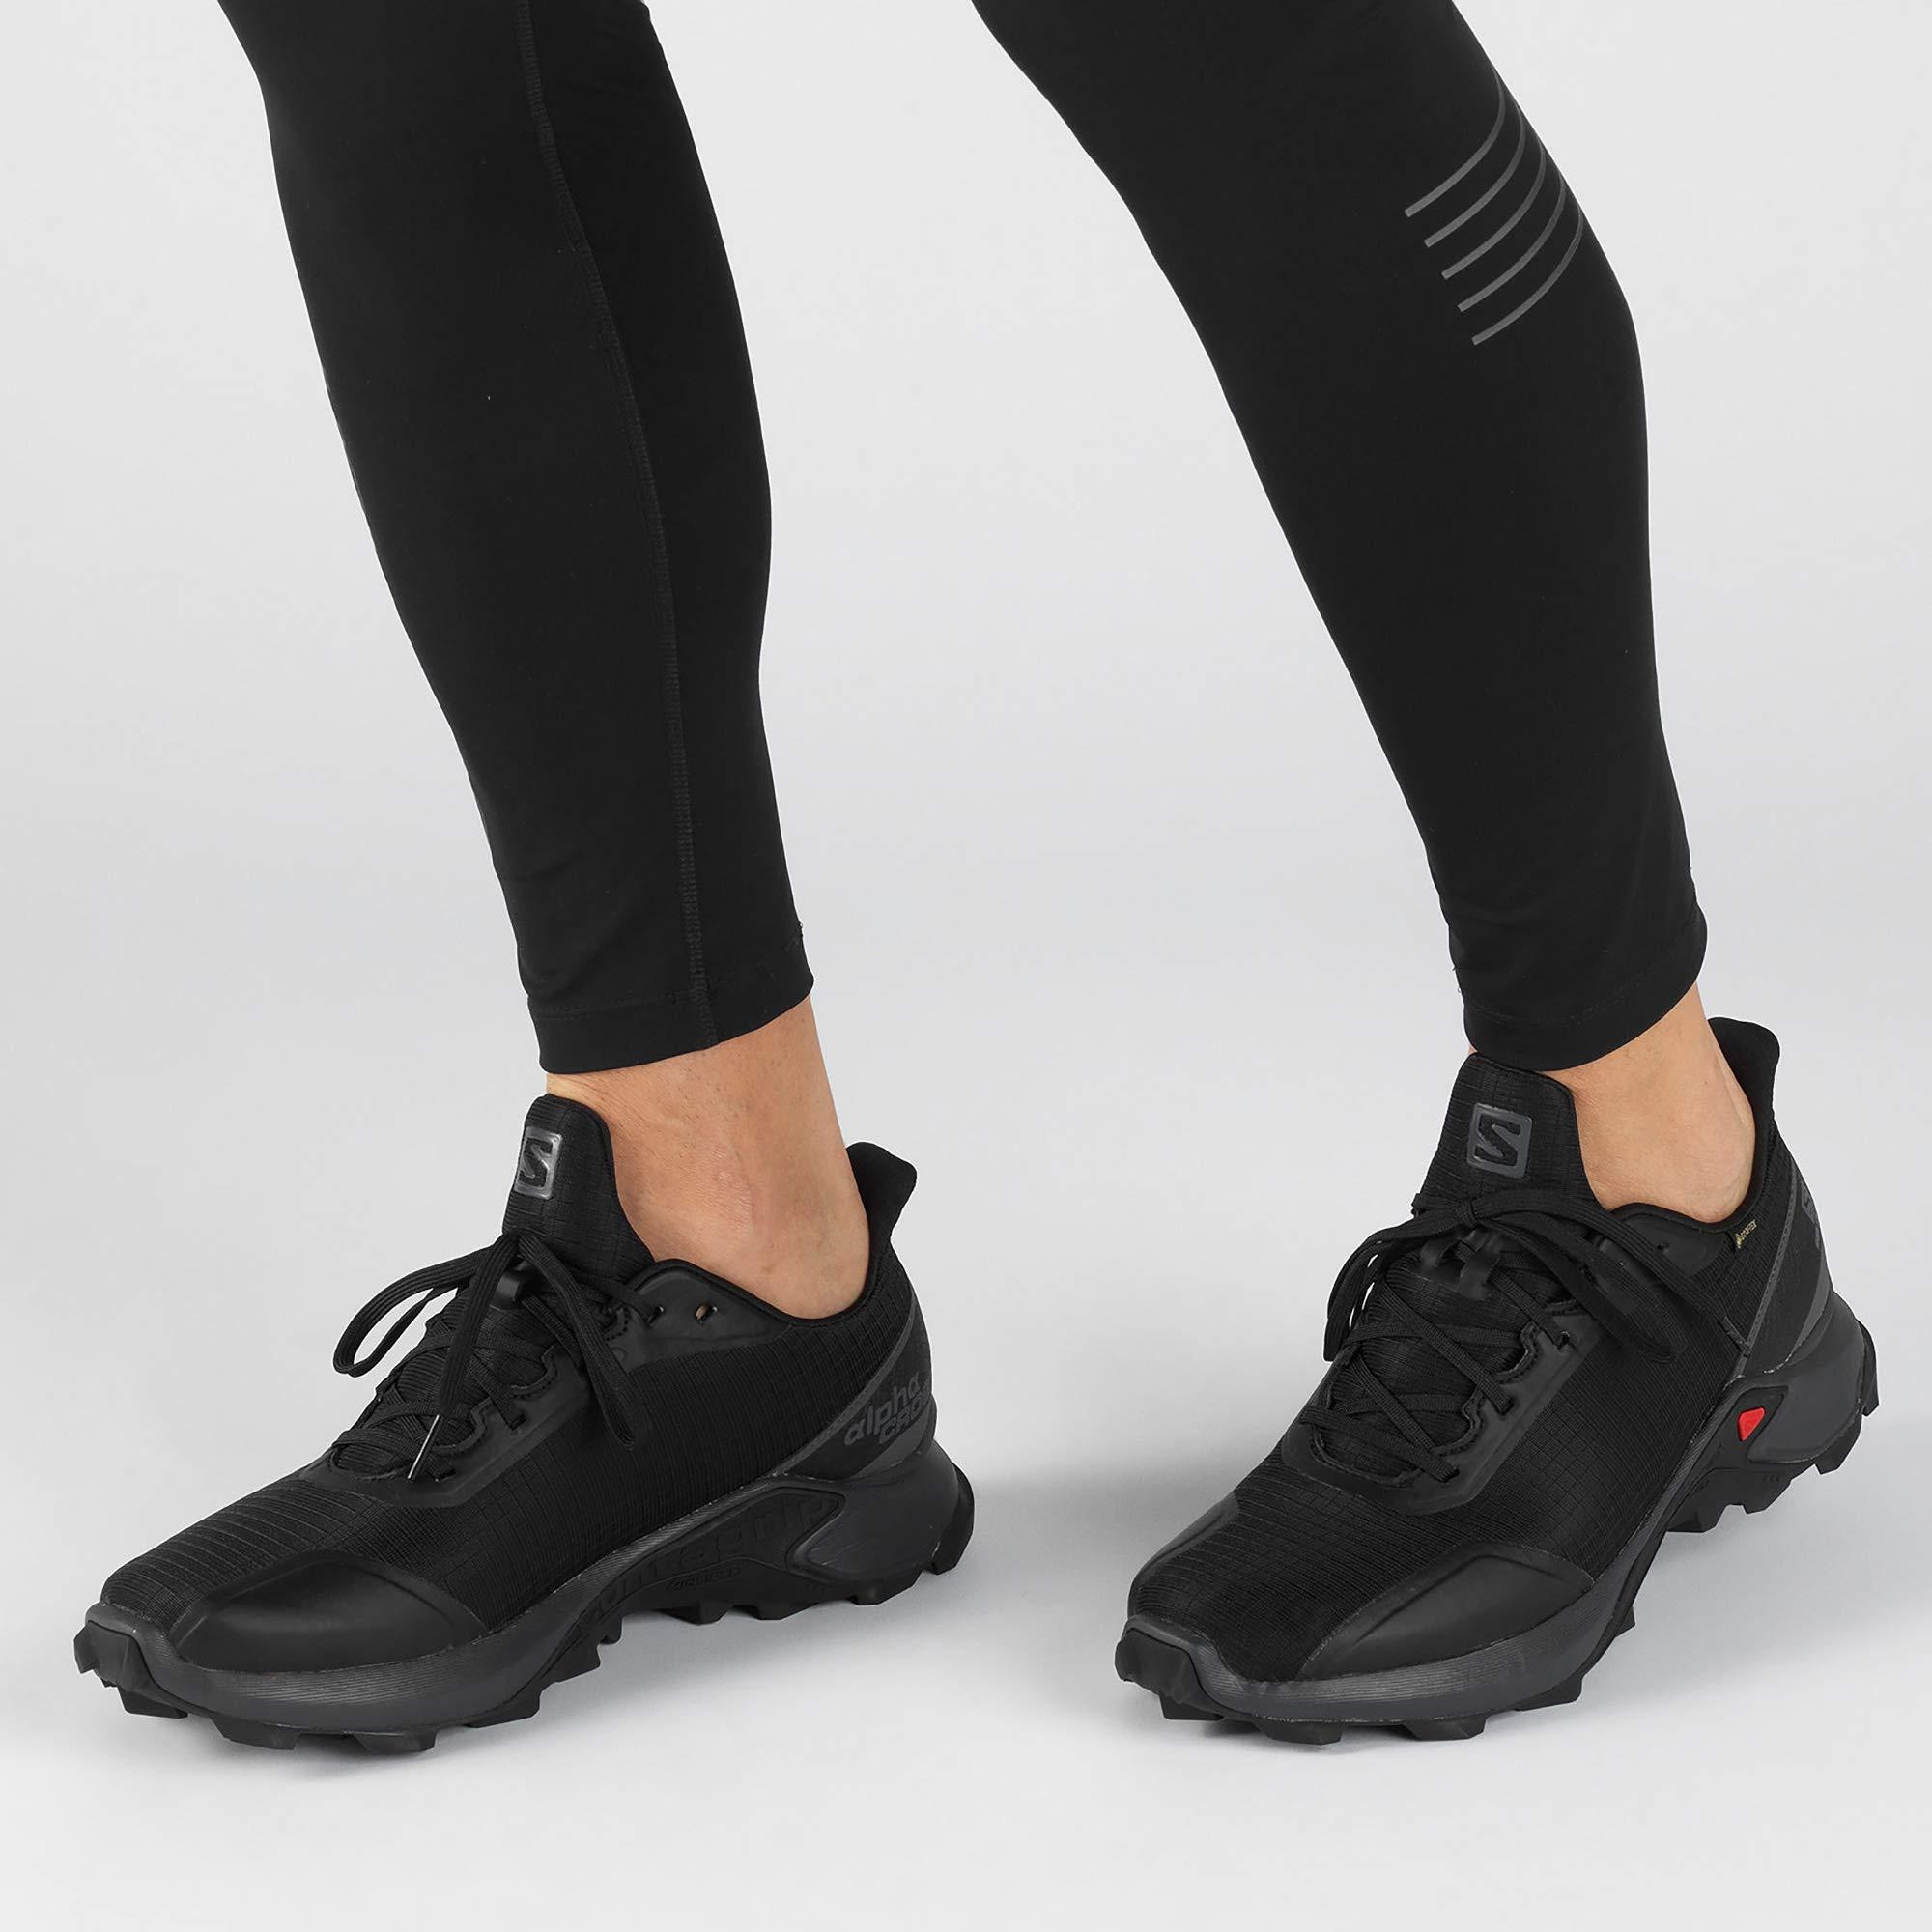 salomon women's waterproof trail running shoes 50ml